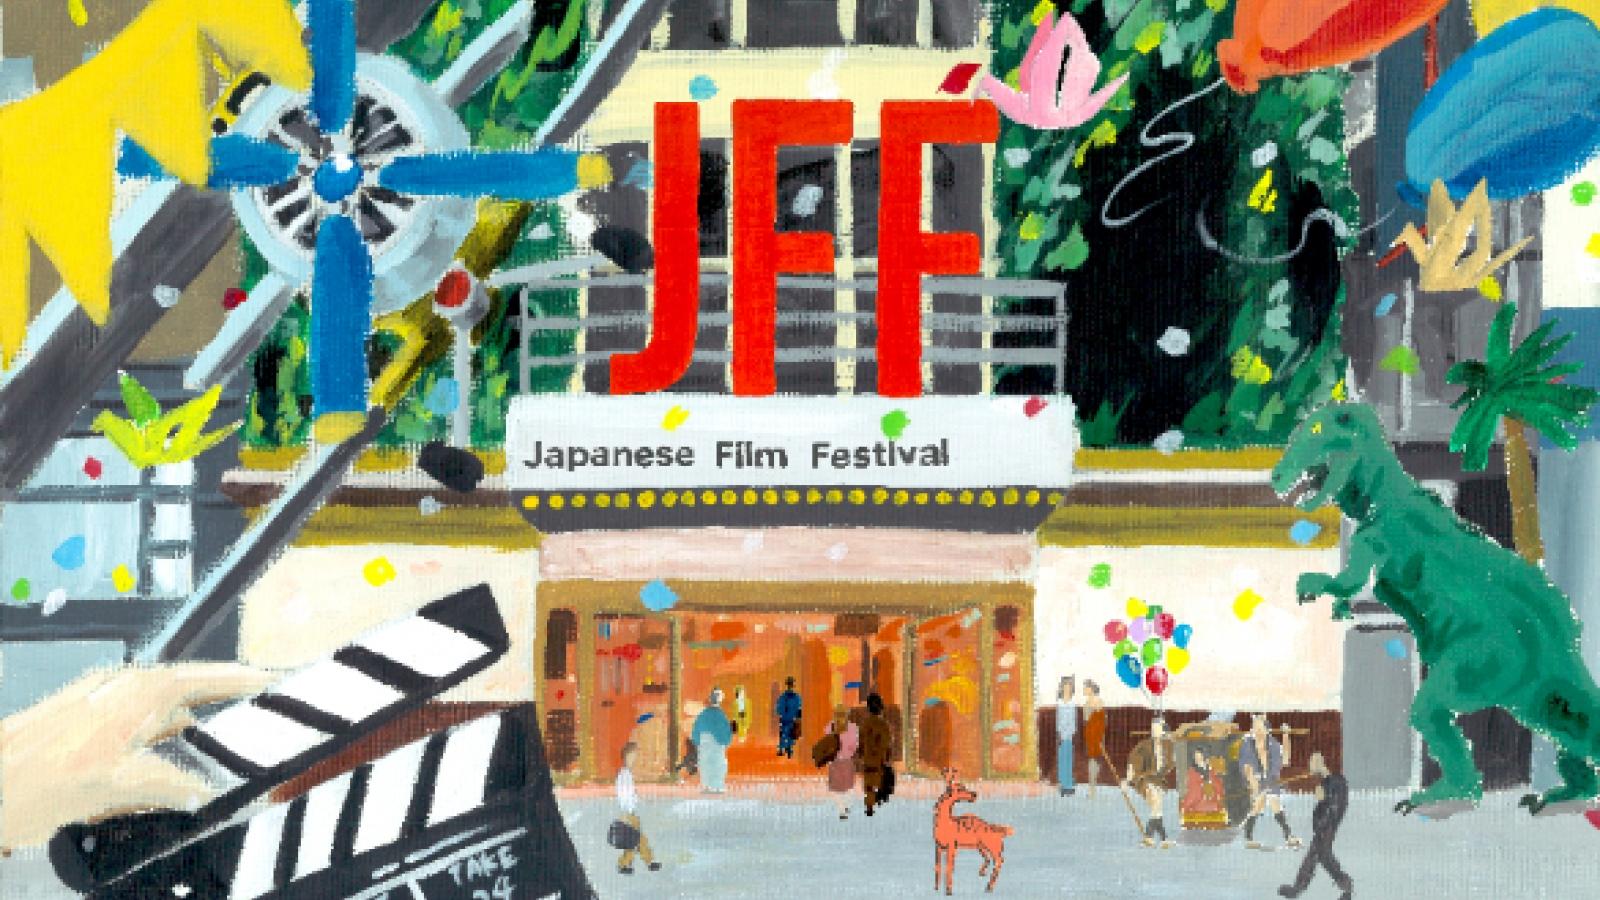 Liên hoan phim Nhật Bản trực tuyến không giới hạn số lượng khán giả